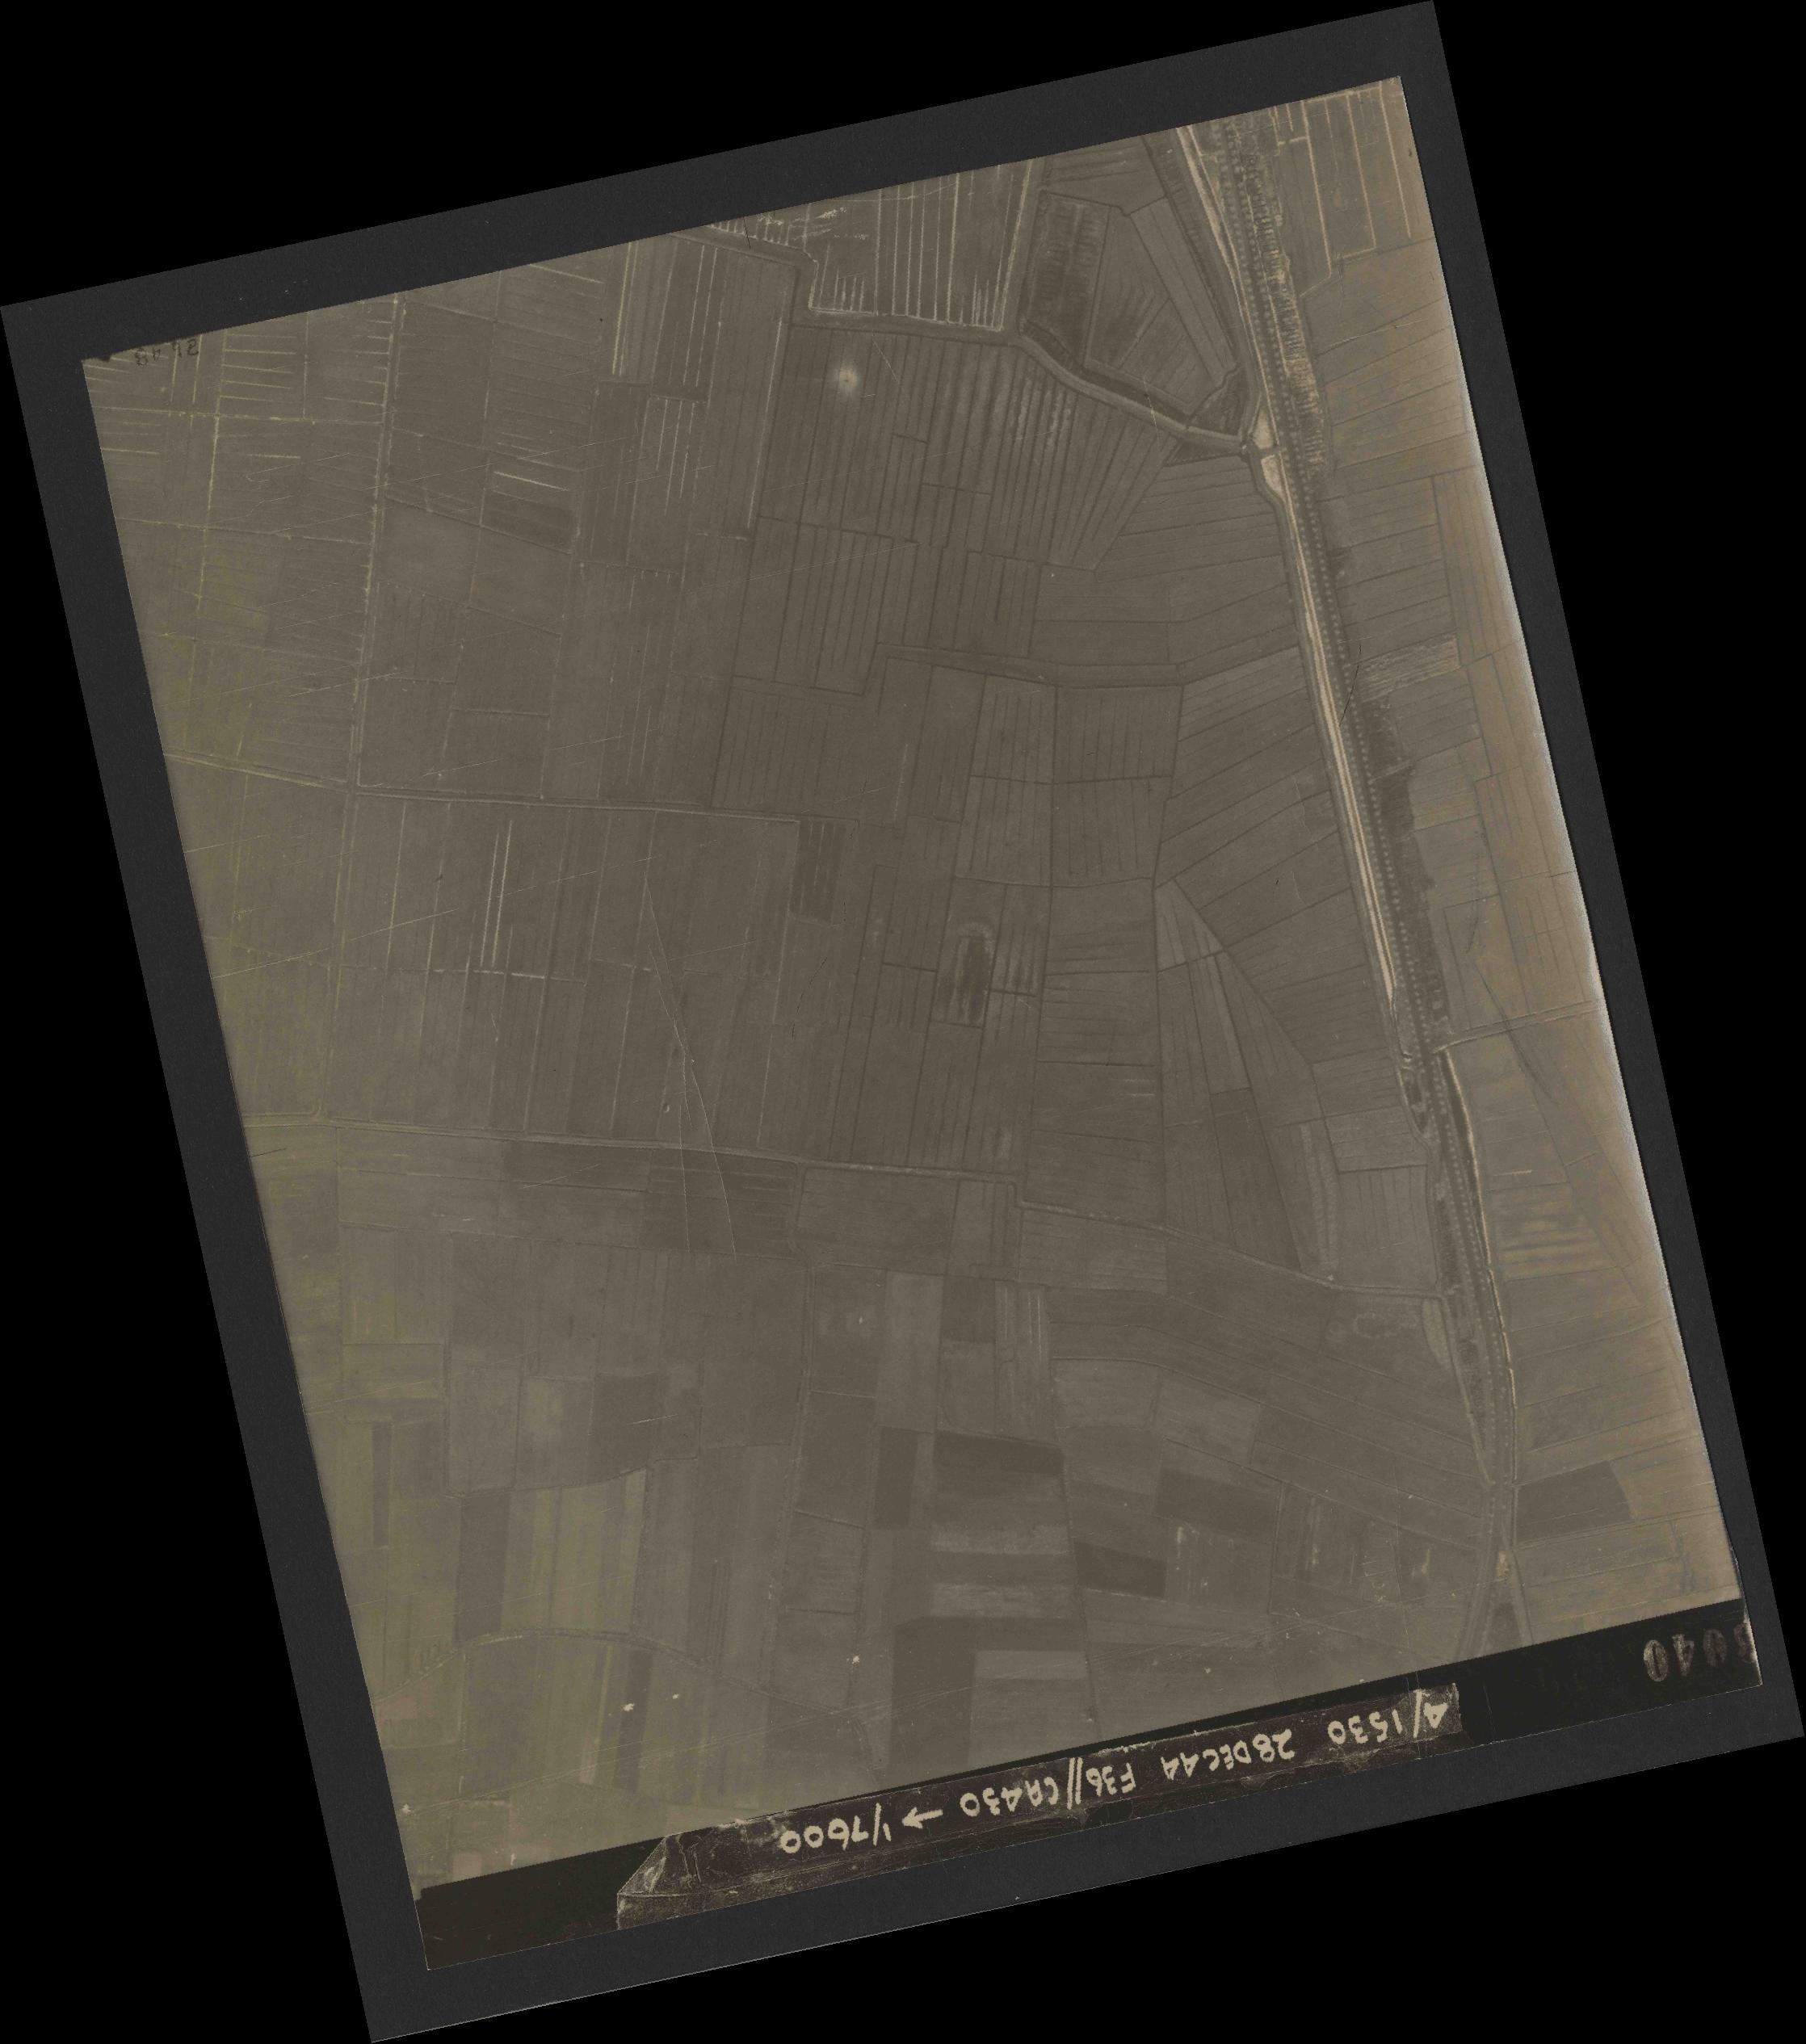 Collection RAF aerial photos 1940-1945 - flight 050, run 06, photo 3040